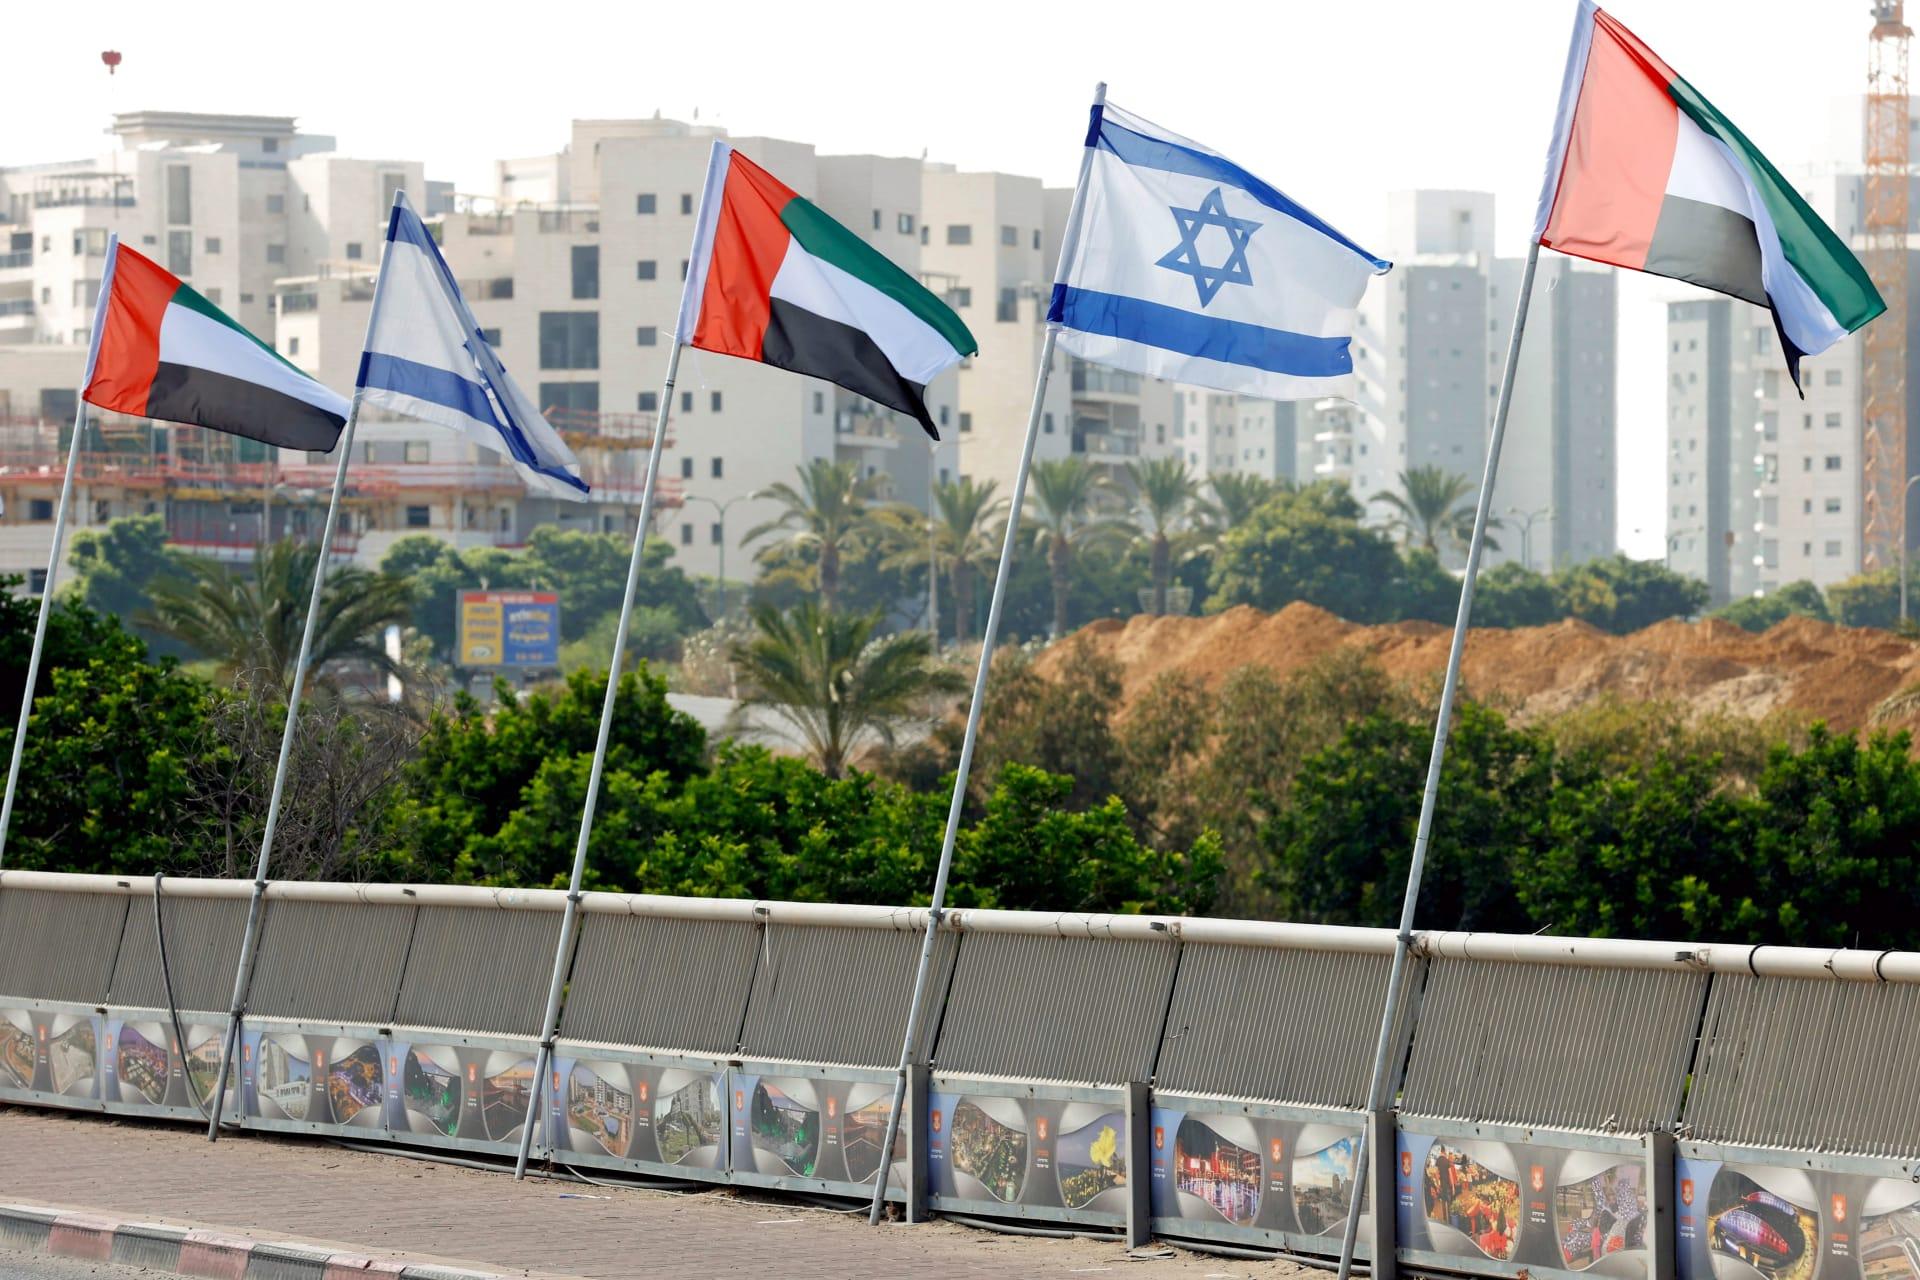 ضياء سبع في طريقه ليصبح أول لاعب إسرائيلي في الدوري الإماراتي